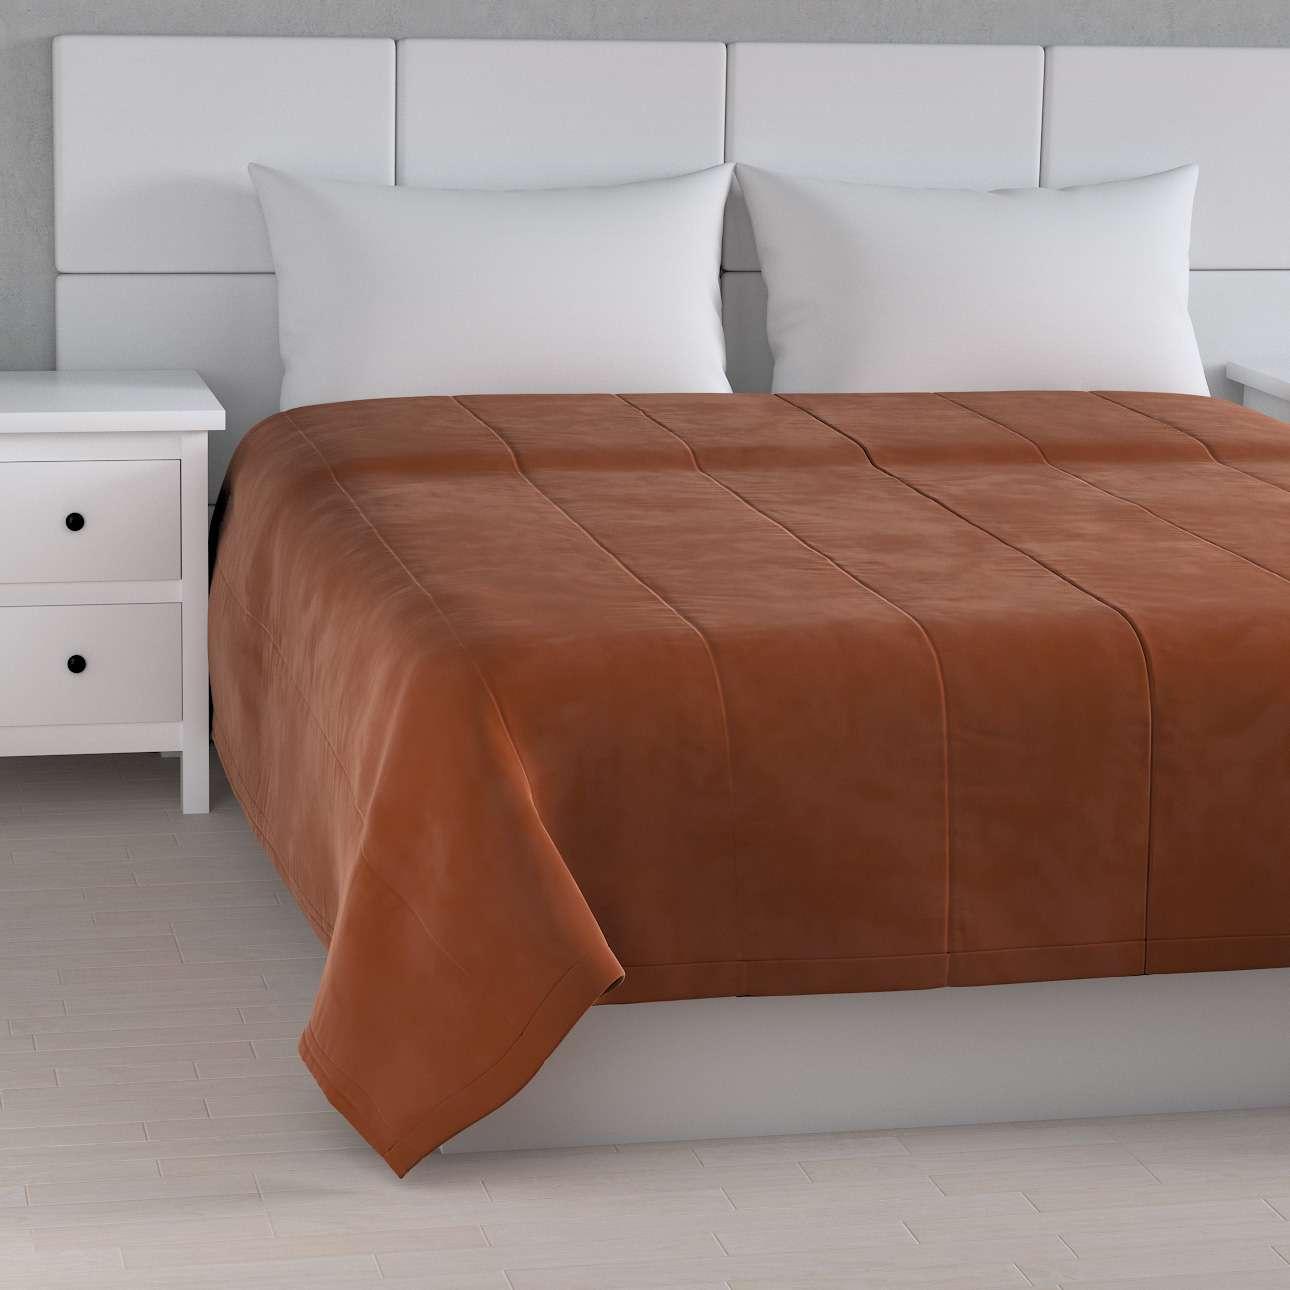 Velvet kolekcijos lovatiesės su vertikaliu dygsniavimu kolekcijoje Velvetas/Aksomas, audinys: 704-33